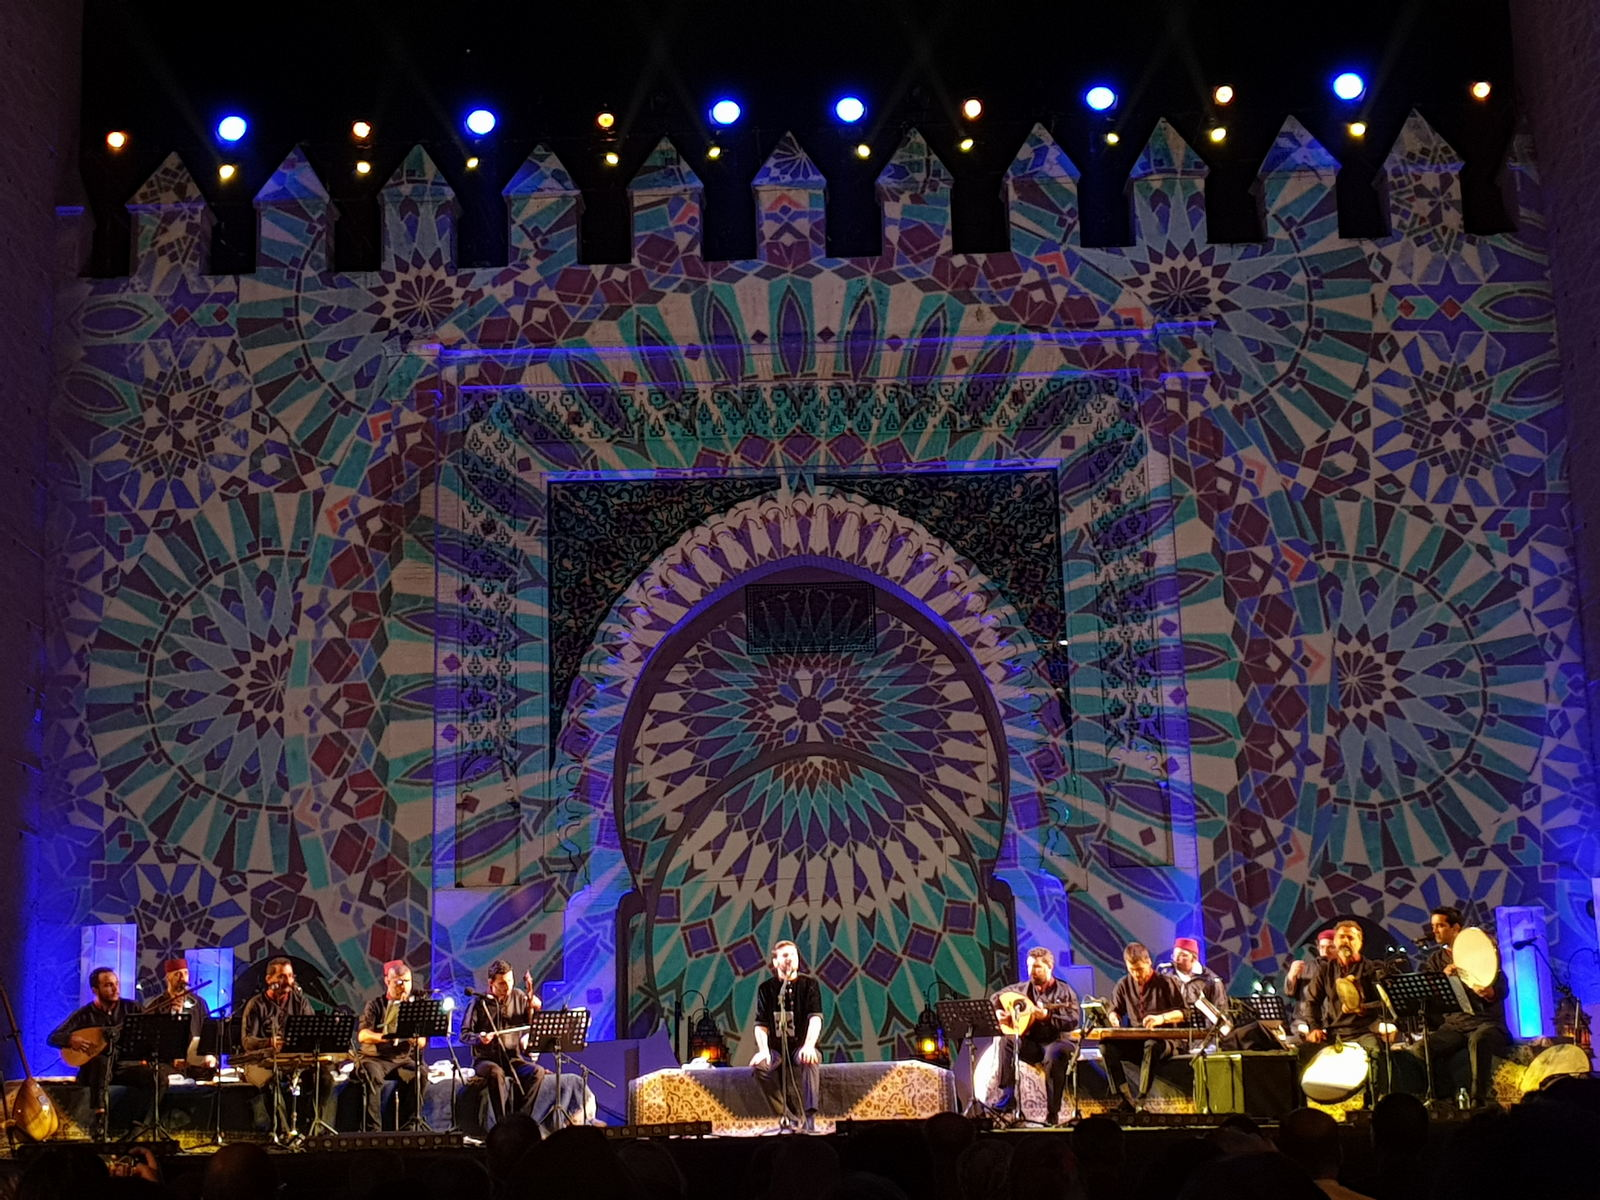 Festival de Fez de Música Sagrada em Marrocos